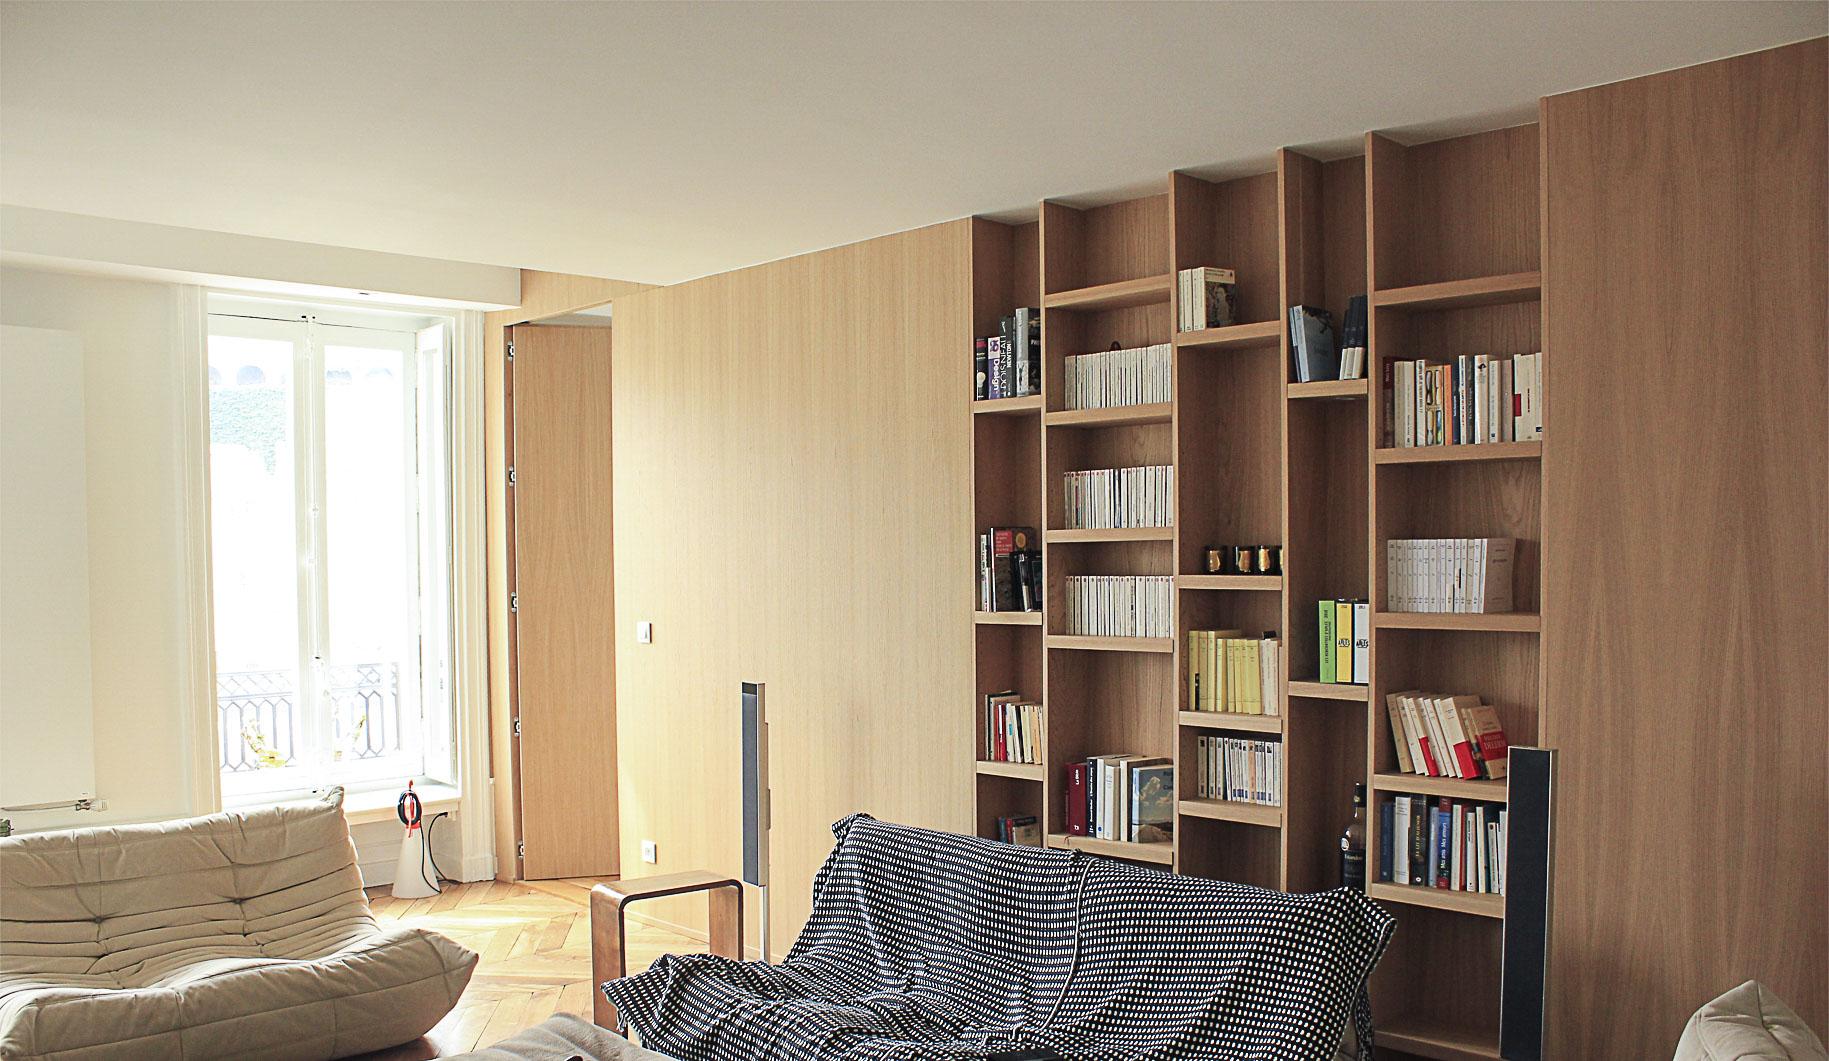 rénovation_lyon_aménagement_intérieur_architecte_appartement_décoration_intérieure-7